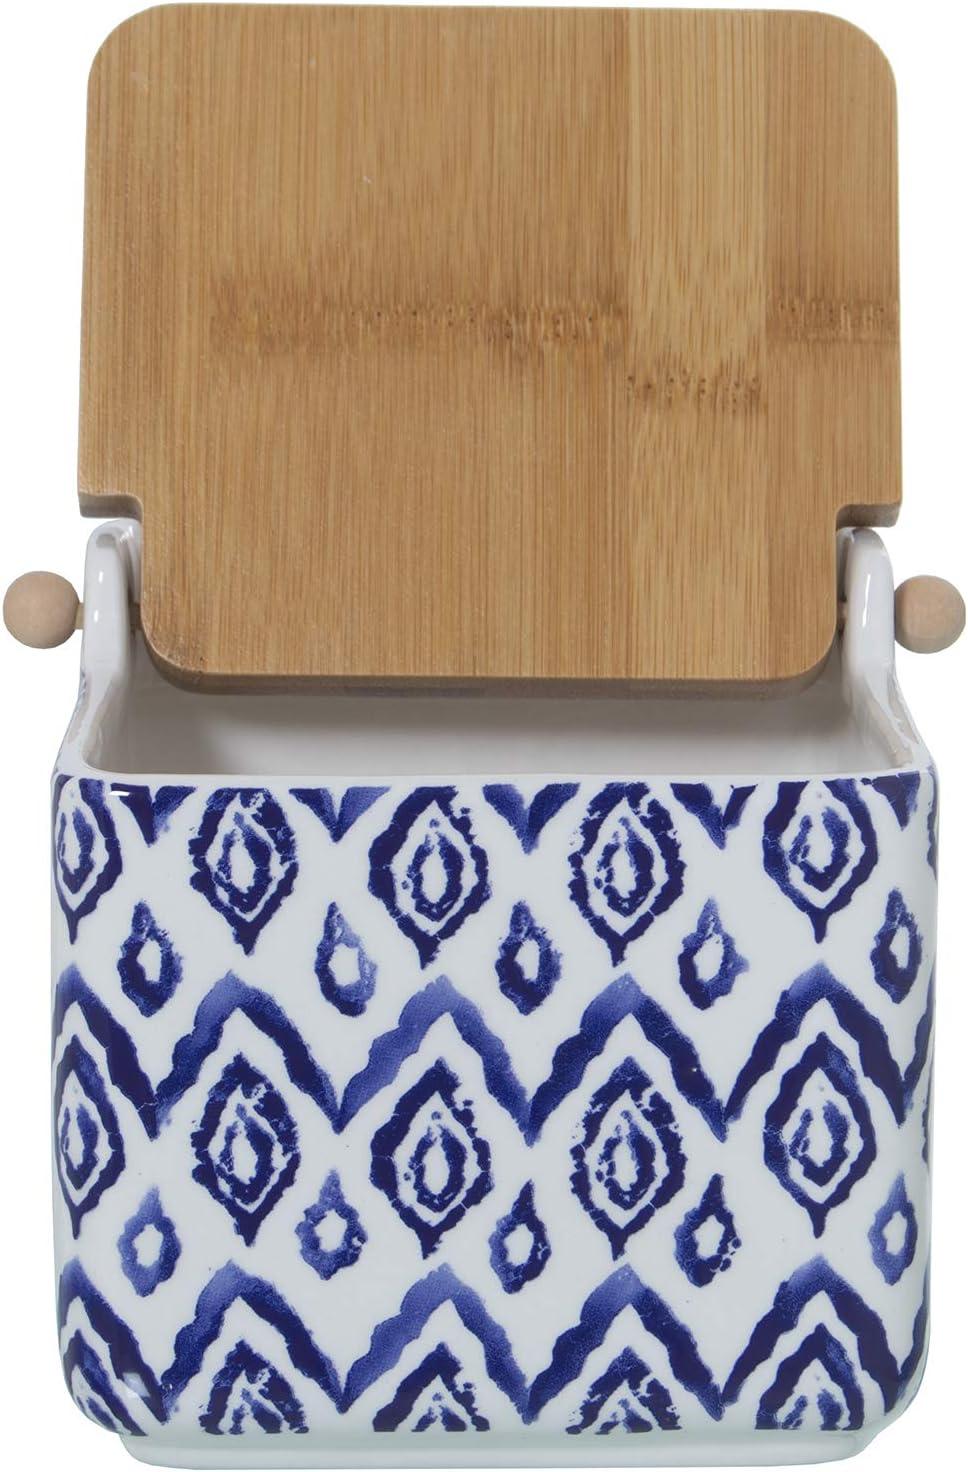 Azul DRW Salero Original cer/ámica Cuadrado con Tapa bamb/ú 12x12x12 cm